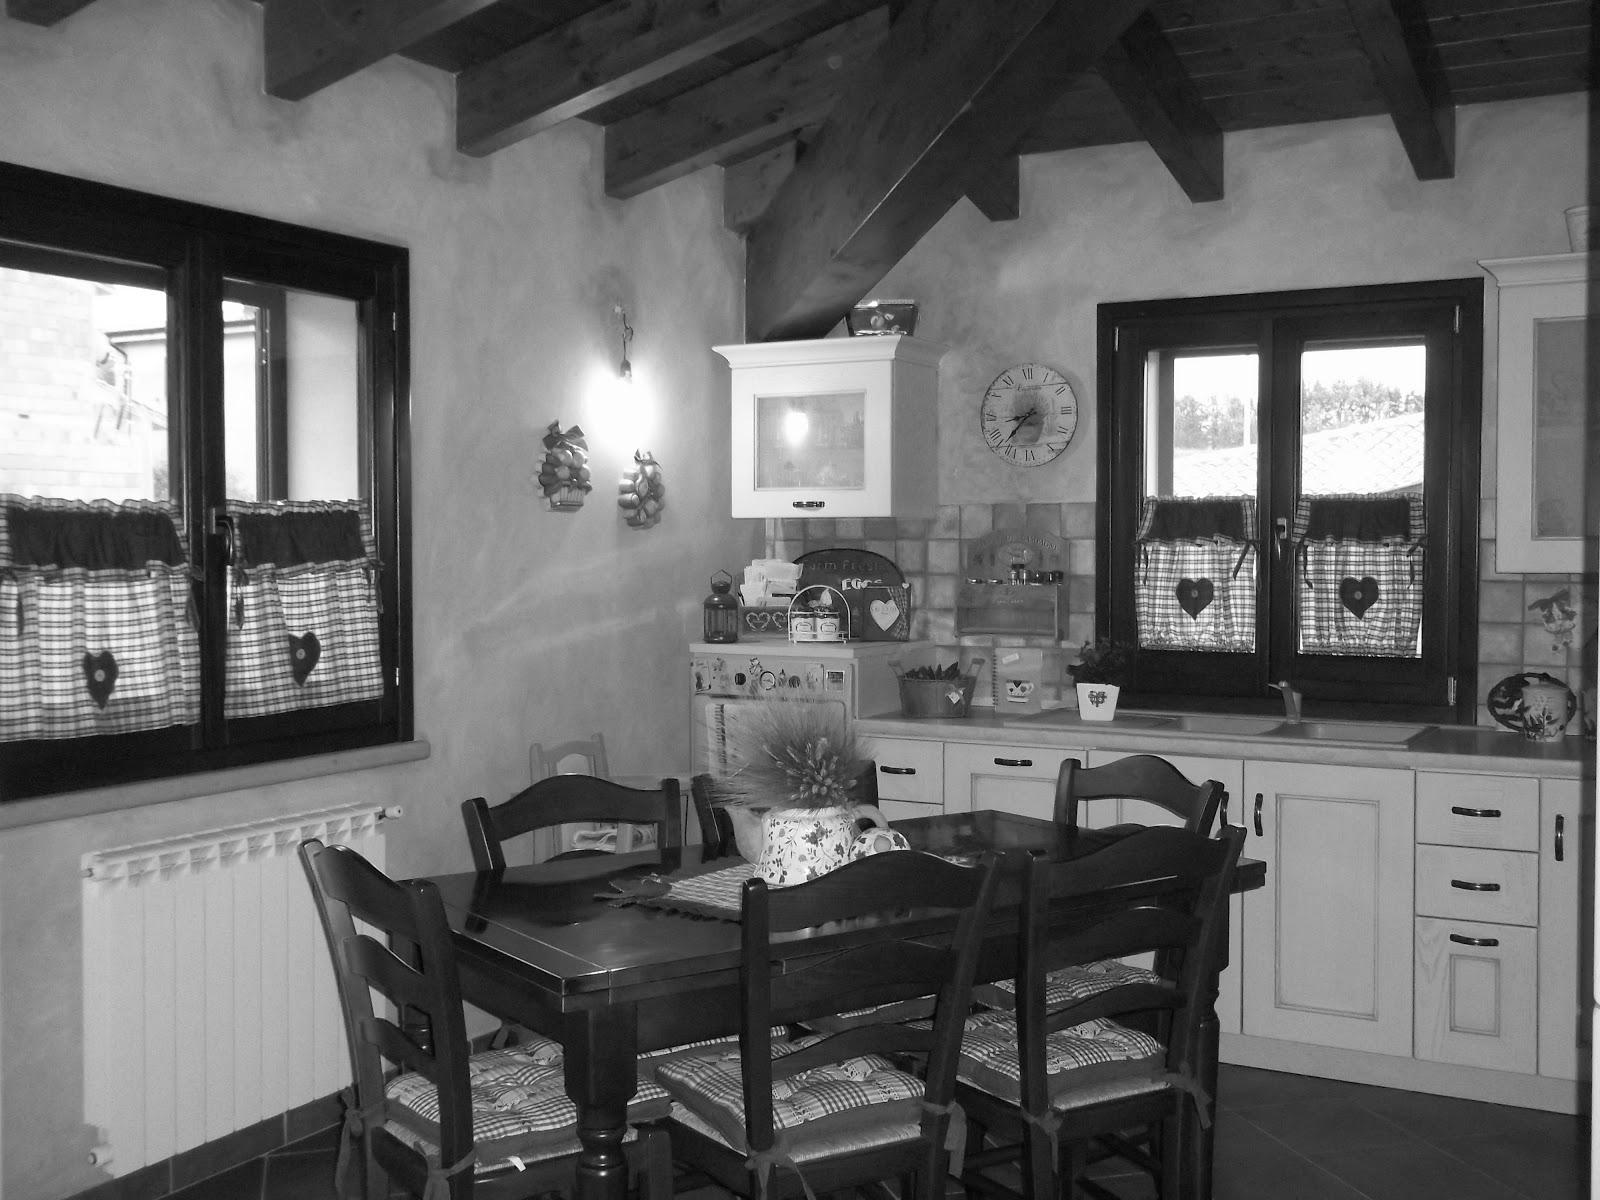 Welcome in my country una cucina da sogno - Sogno in cucina ...